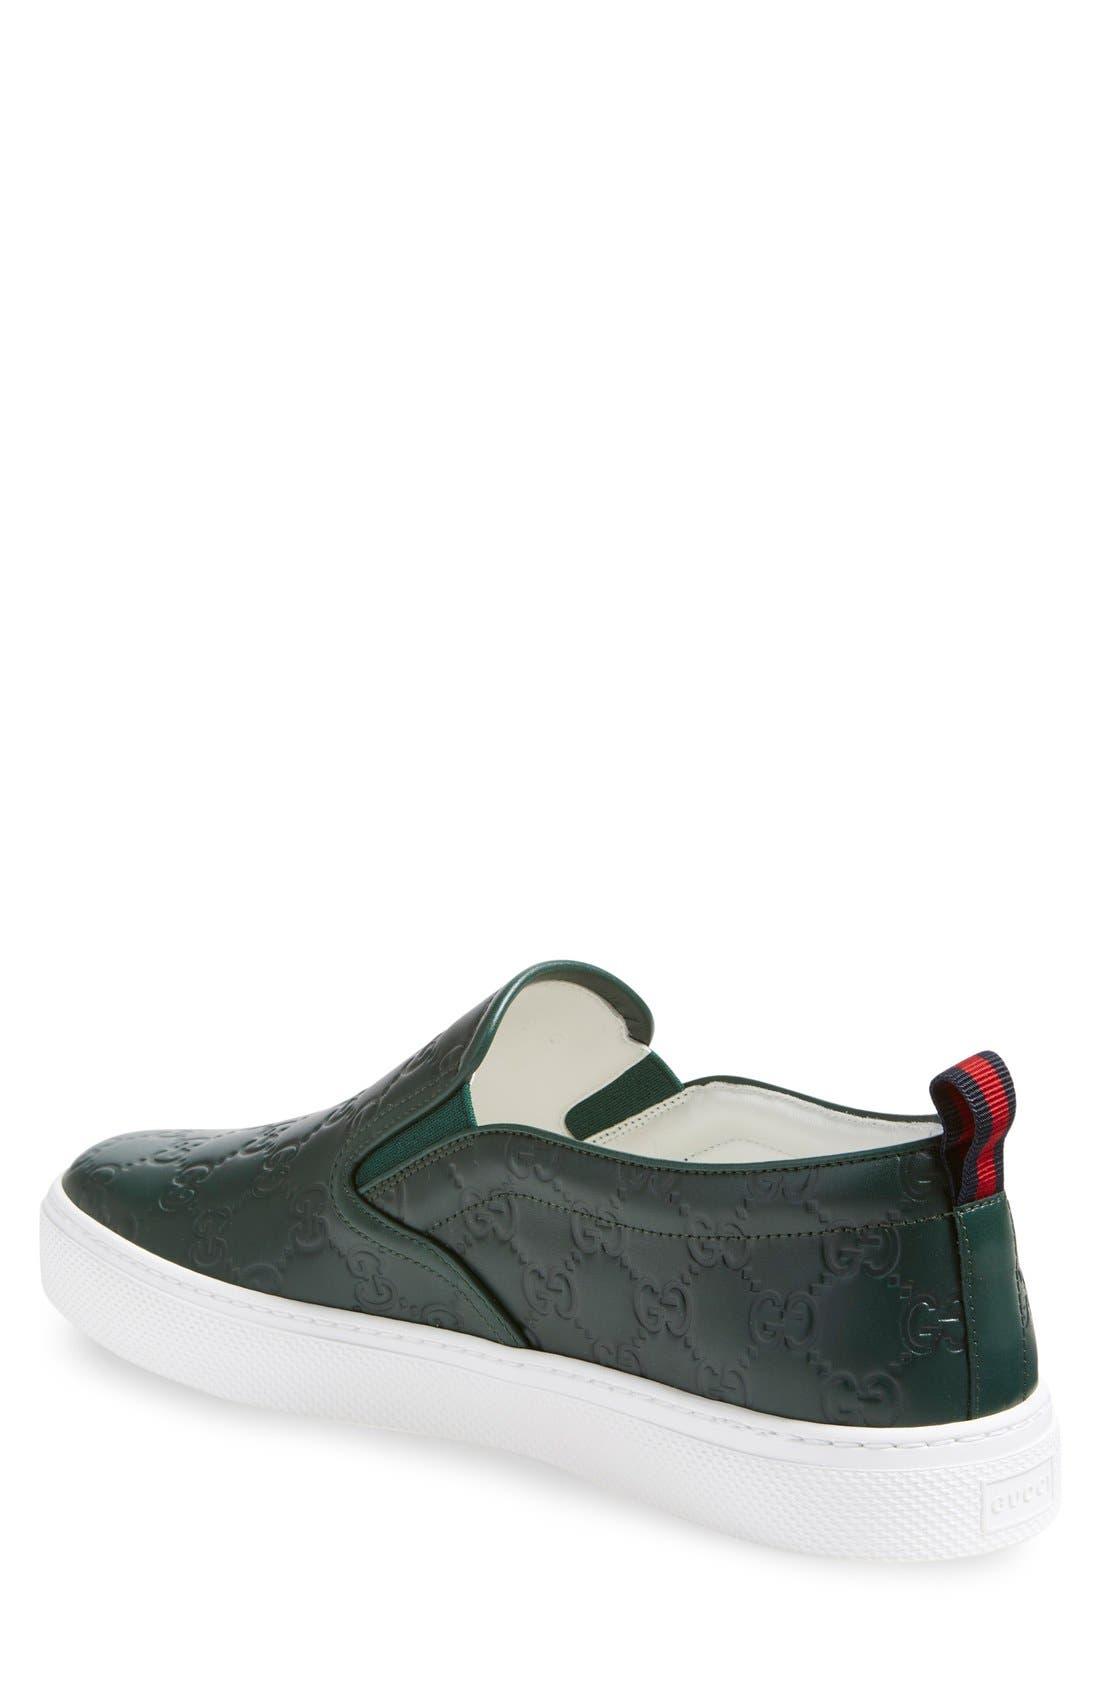 Dublin Slip-On Sneaker,                             Alternate thumbnail 28, color,